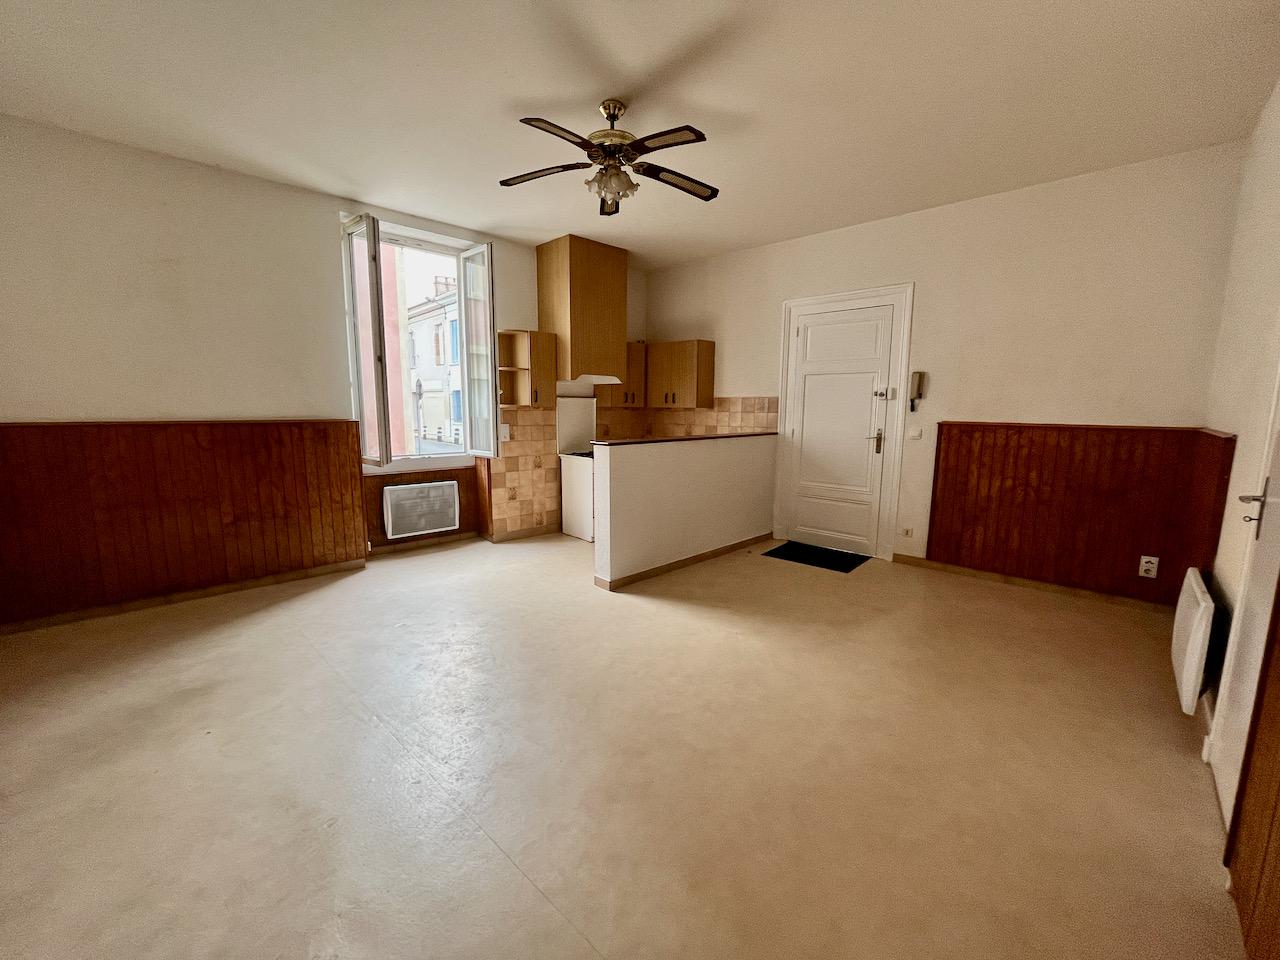 Appartement Villeneuve Sur Lot 31 m2 meublé au calme